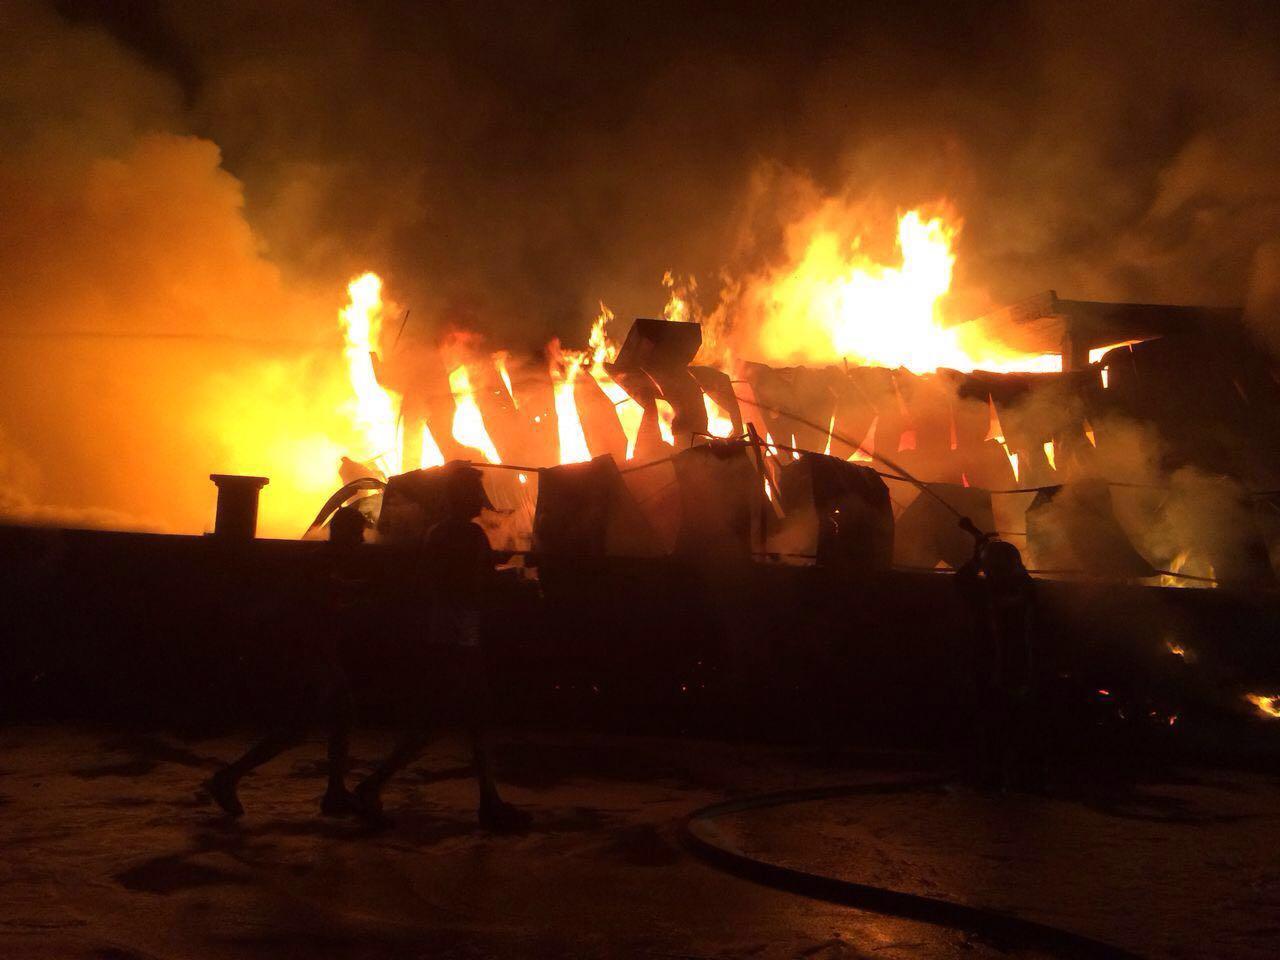 Marsan'daki yangın büyüyor - VİDEO